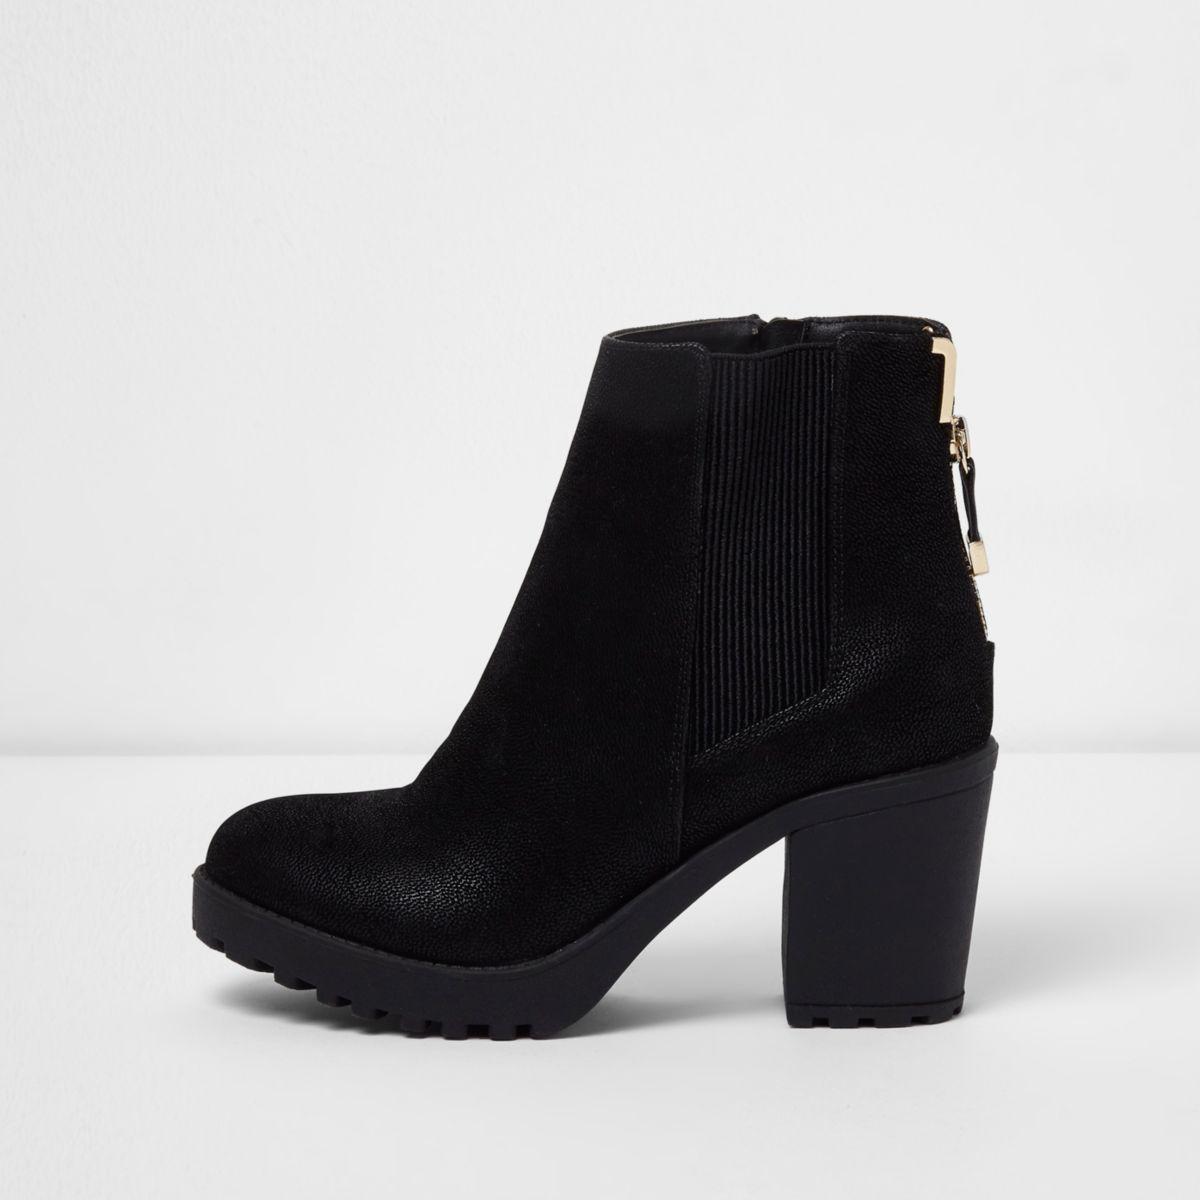 Chaussures Noires À Talon Bloc Pour Les Femmes vTQ0AT78